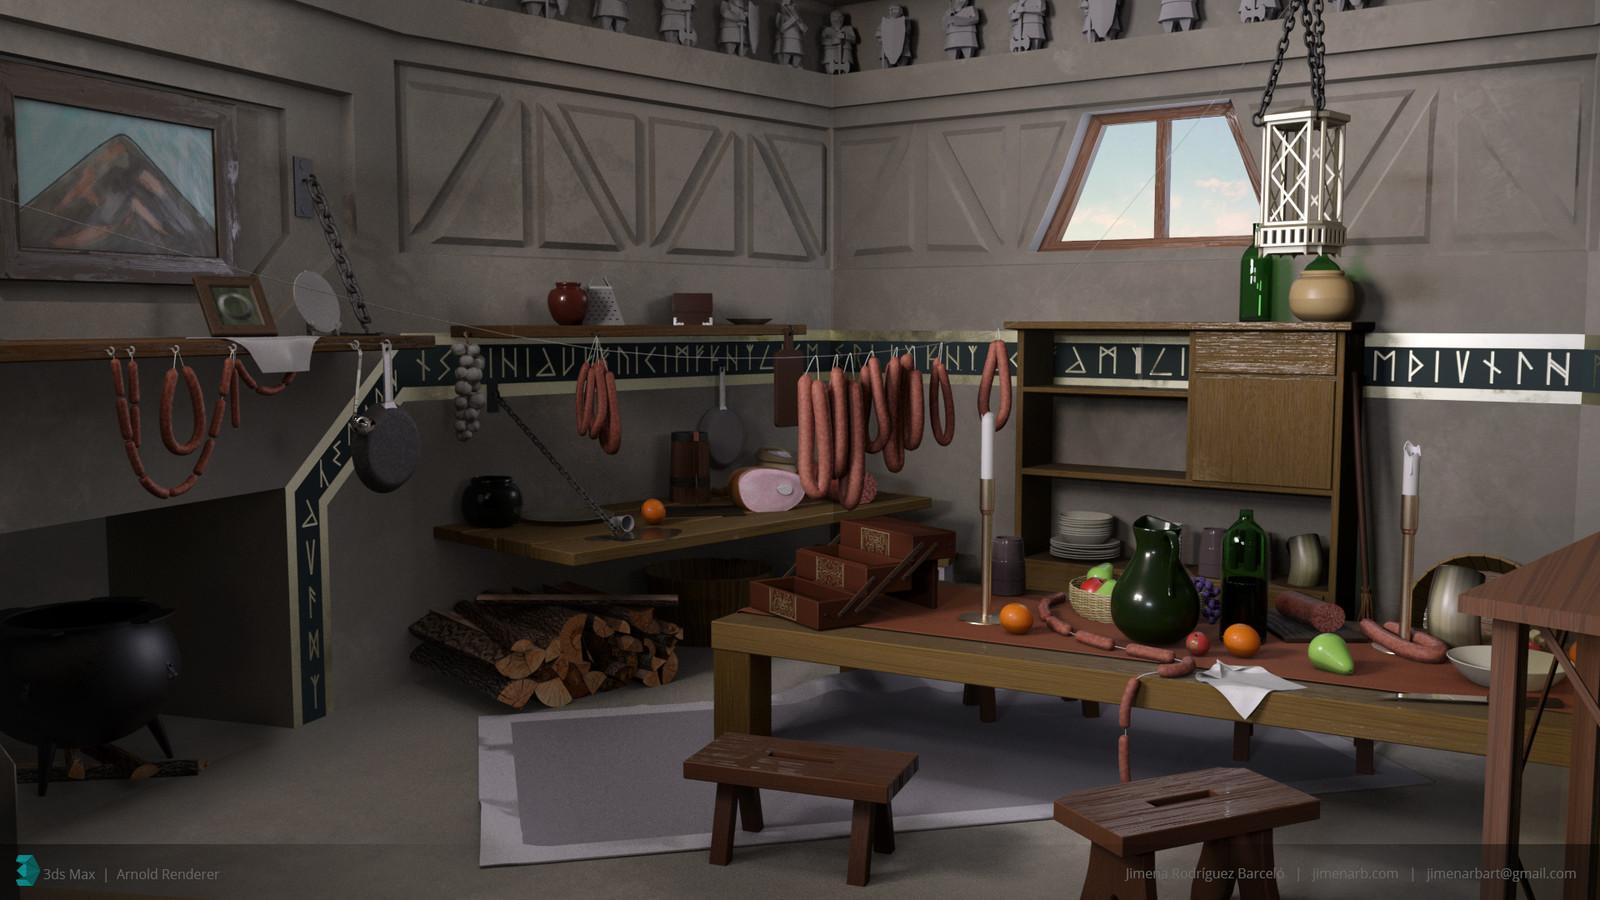 Bombur's Apartment